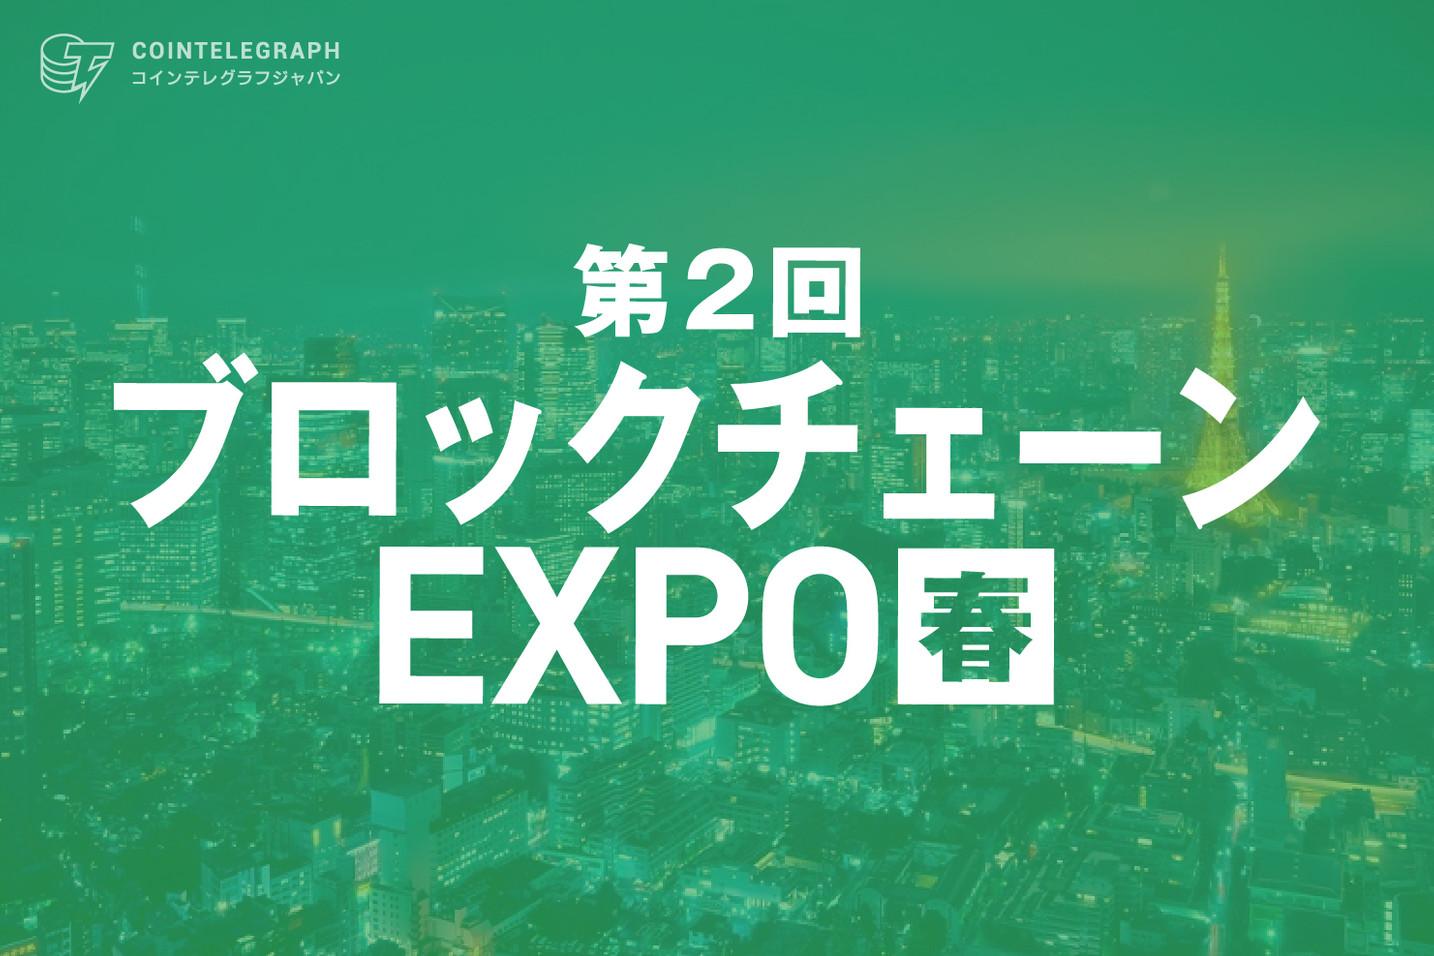 ブロックチェーンEXPO春が4月7日開催!様々な業界でブロックチェーン技術の社会実装へ